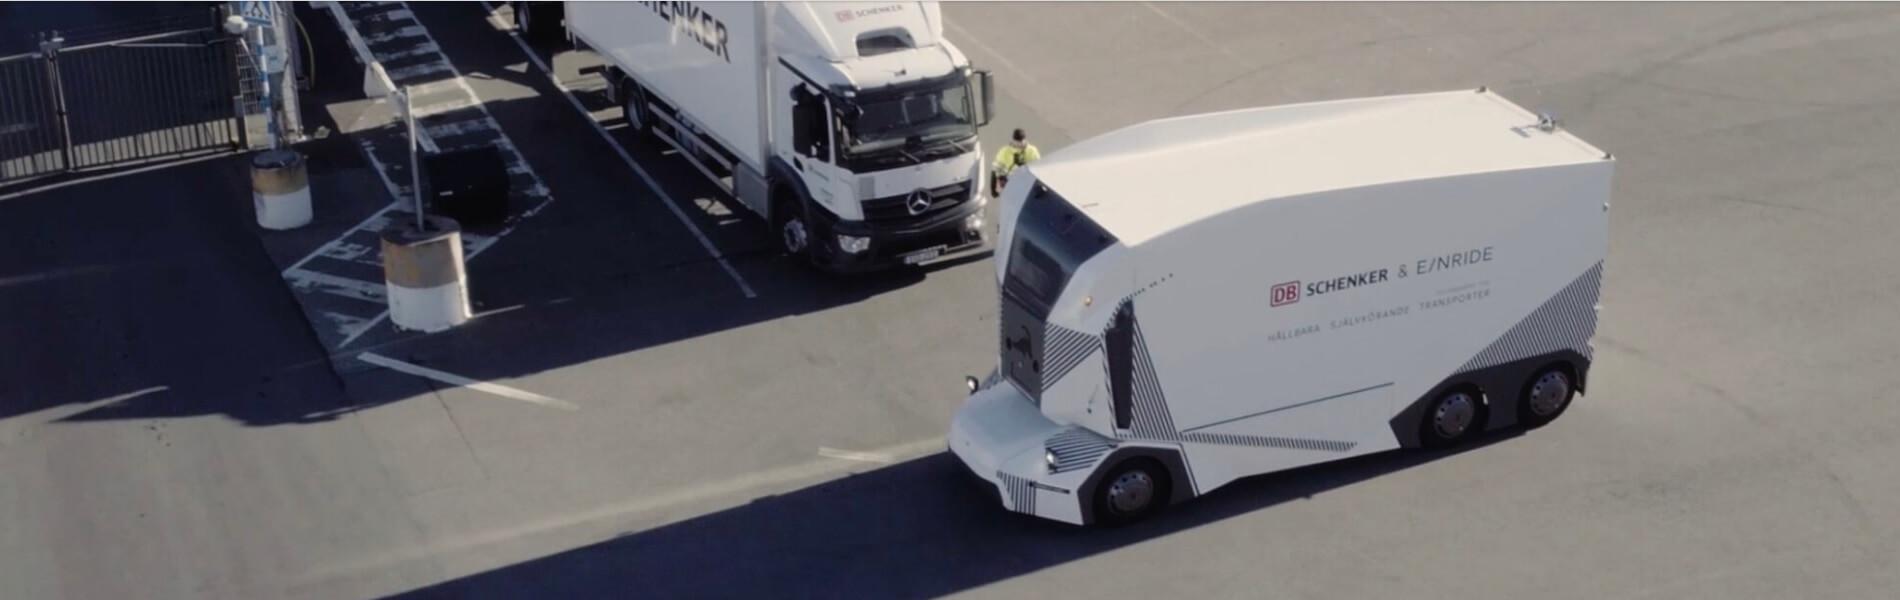 Autonome Elektro-Lkw: DB Schenker und Einride starten den Einsatz des T-Pod